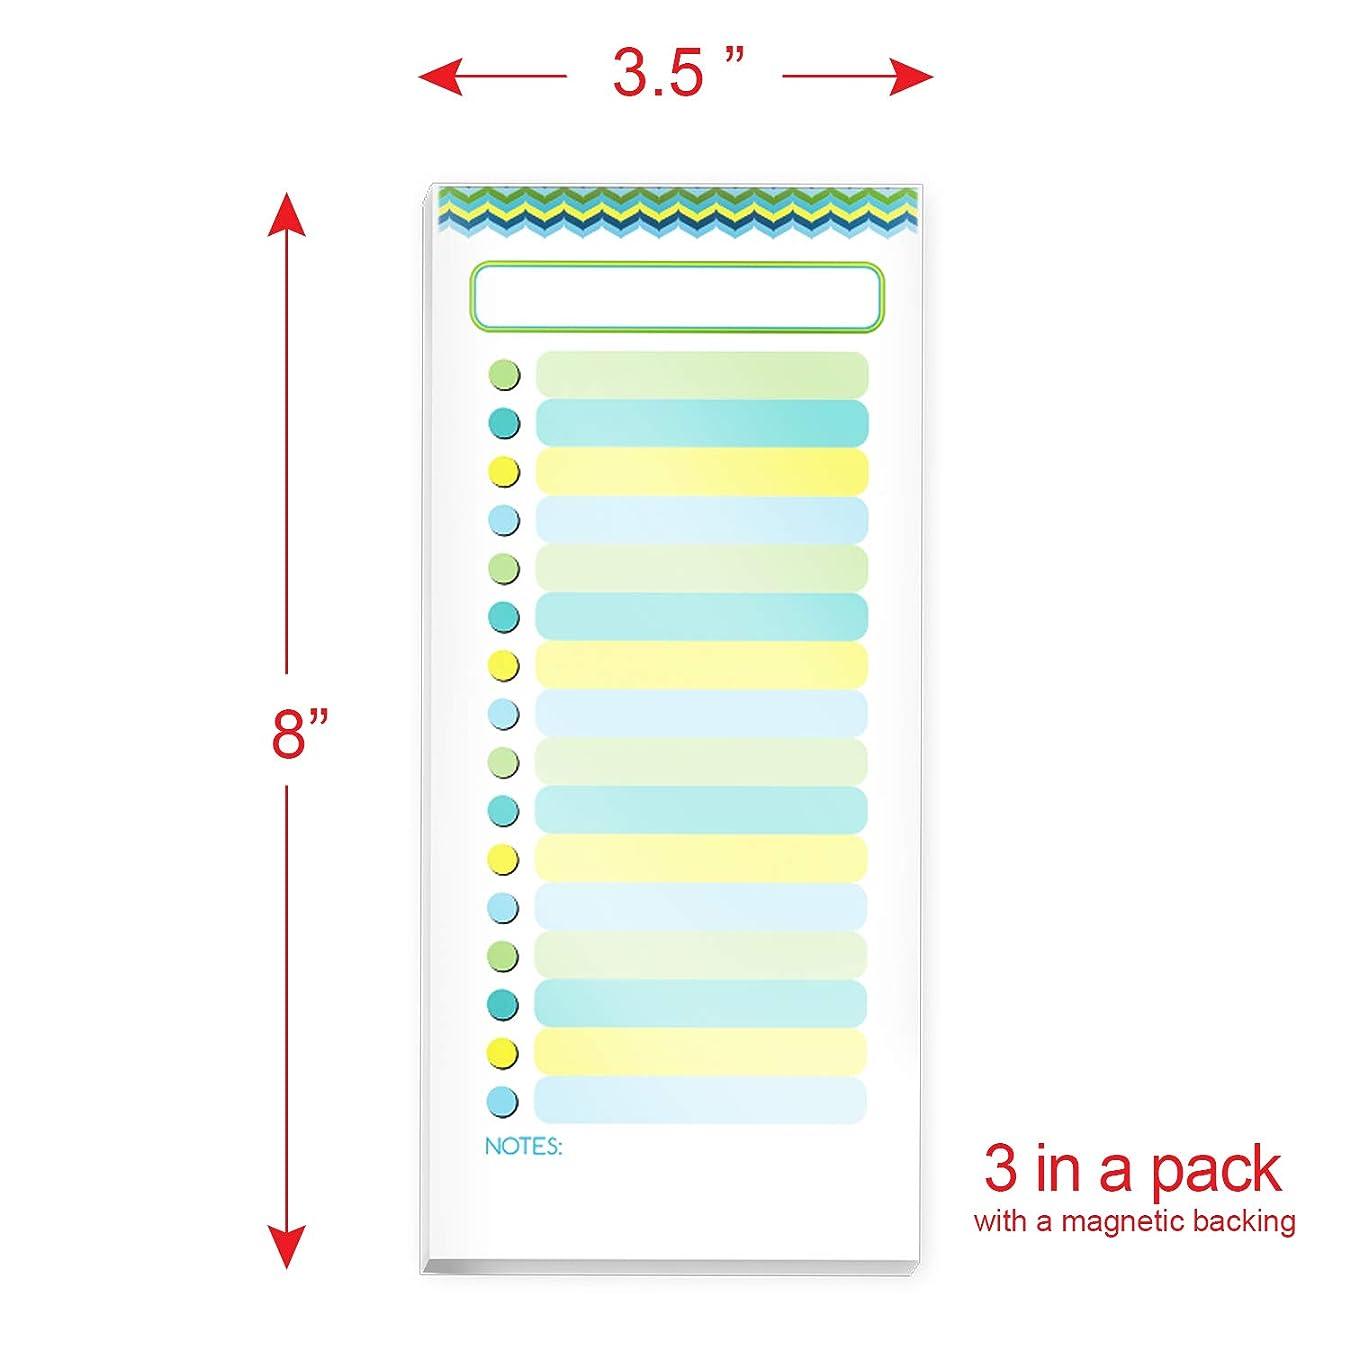 局ドラフト再撮りTo-Doリスト 磁気メモ帳 3パック ノートパッド (ティール イエロー グリーン)